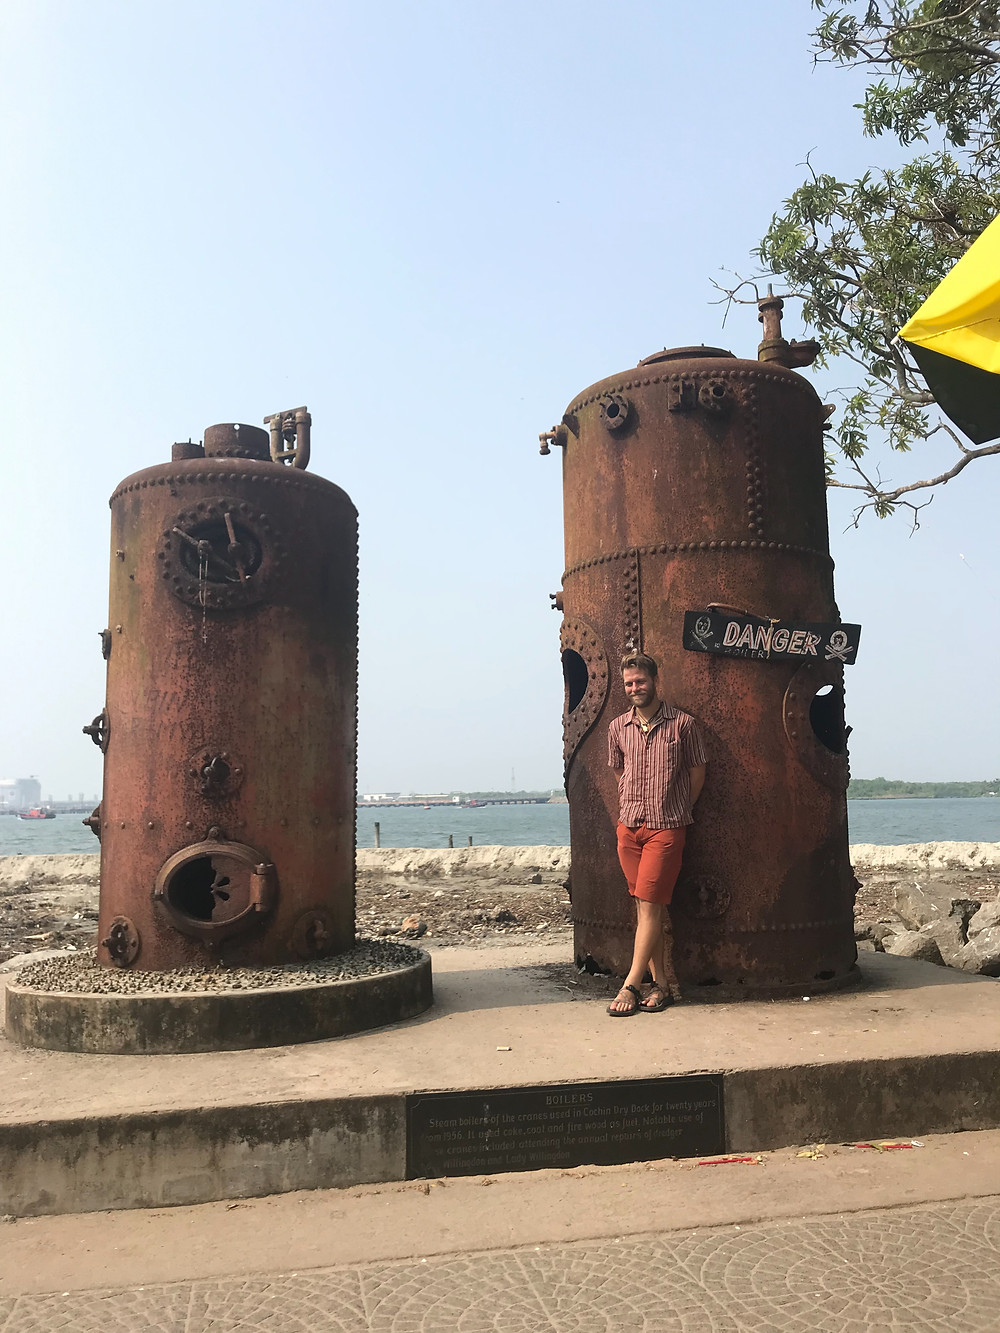 Seaside rusty boiler in Fort Kochi (Cochin) India